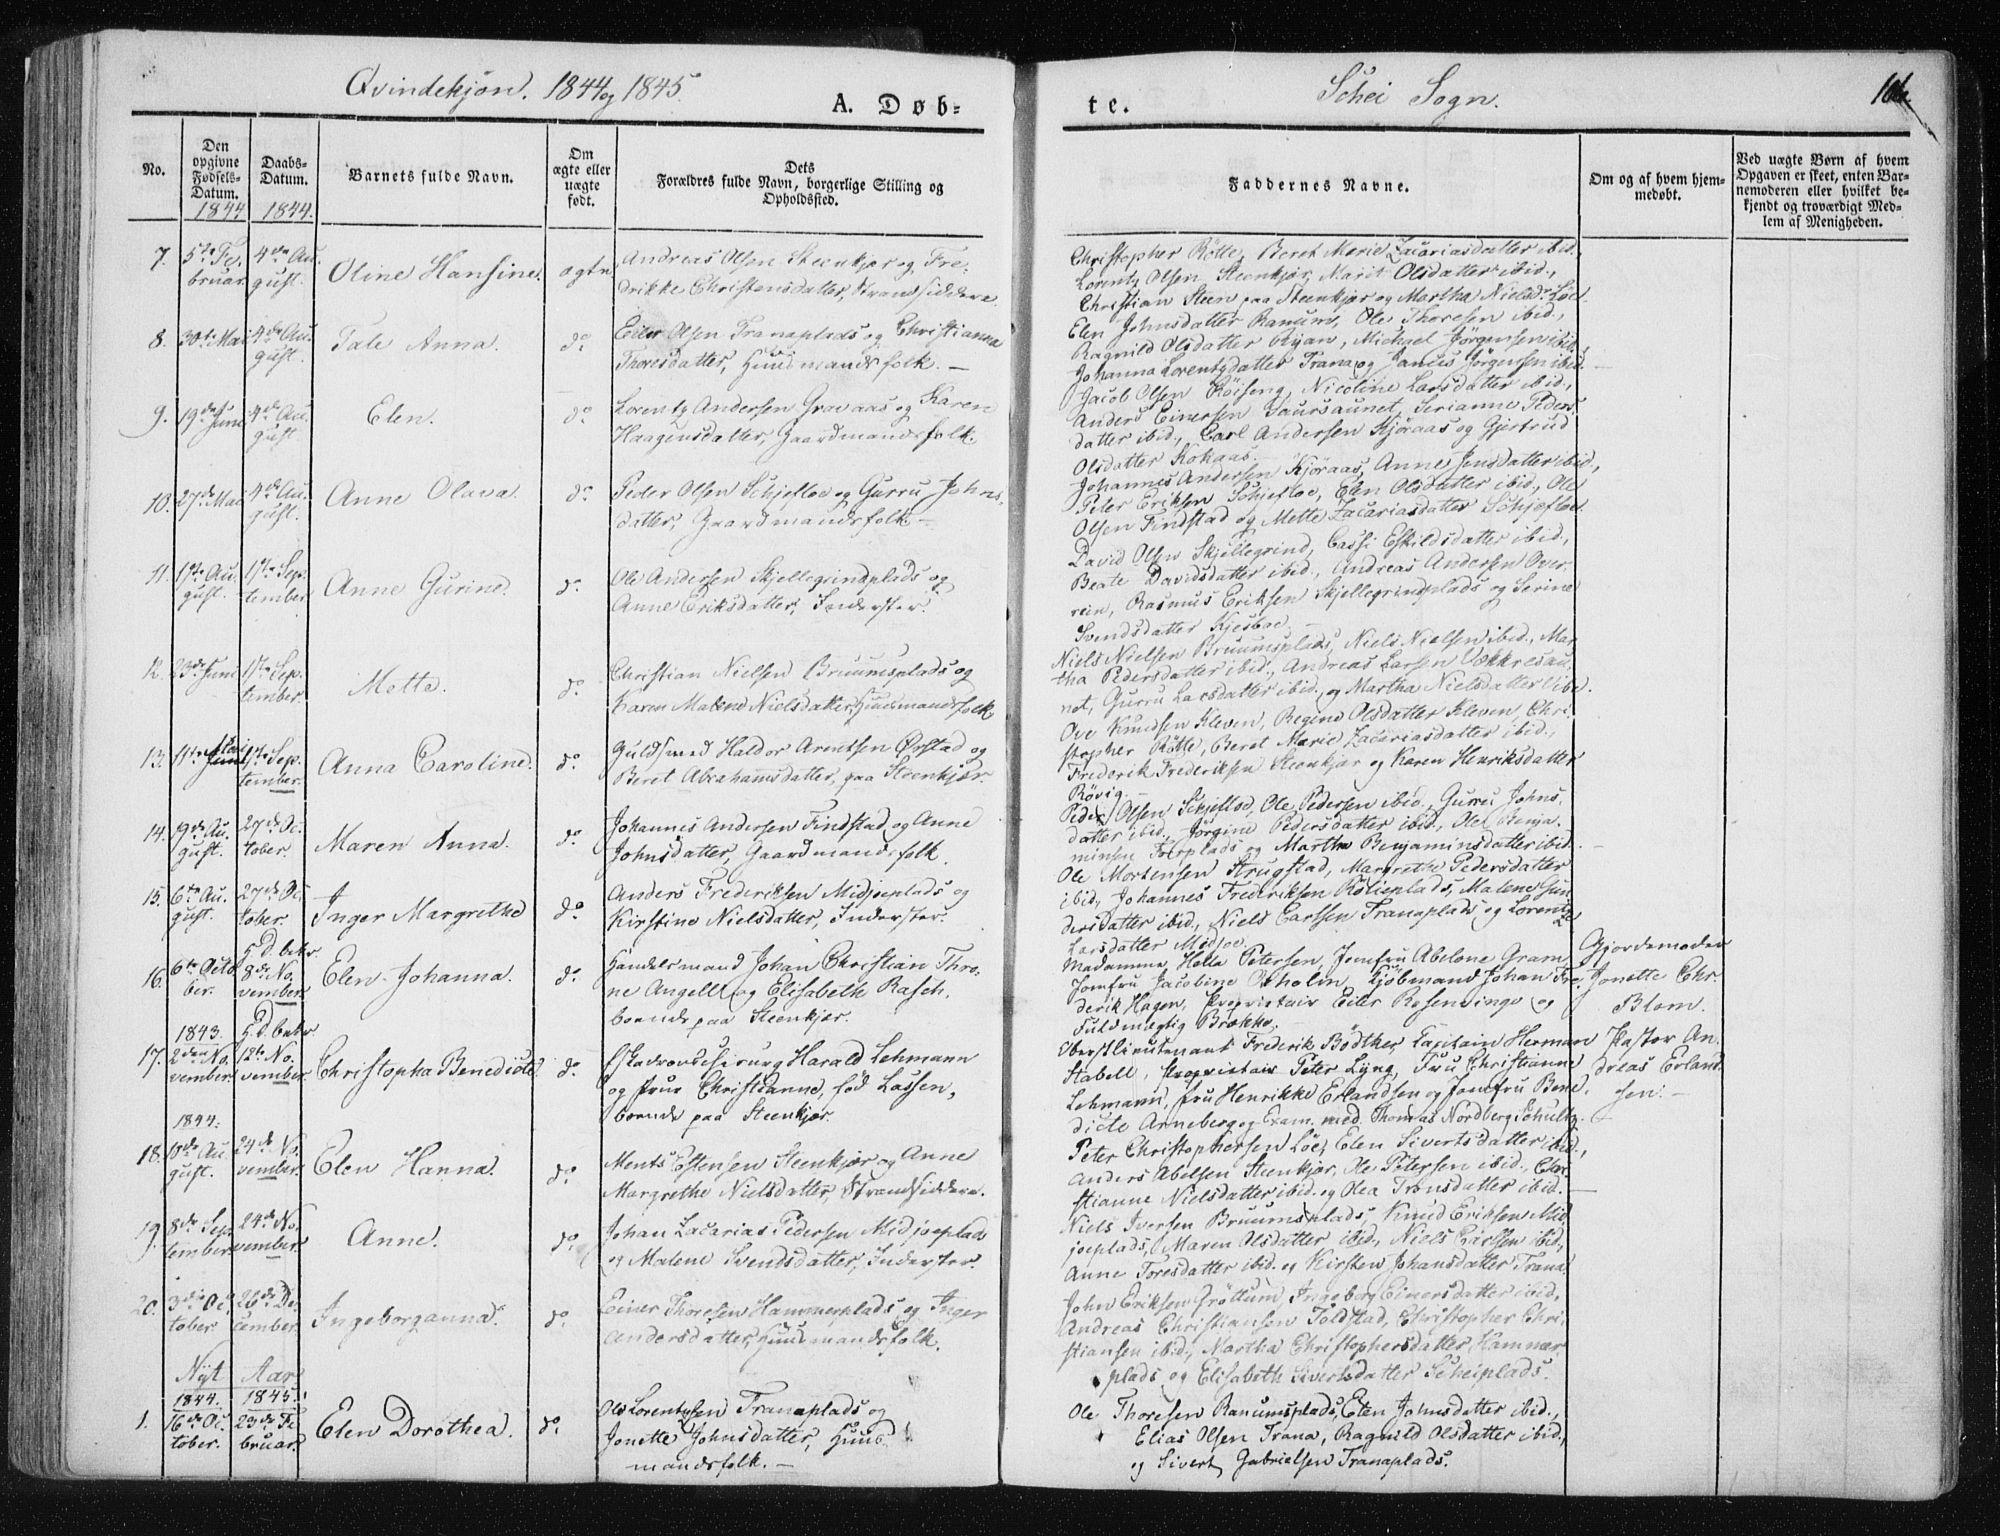 SAT, Ministerialprotokoller, klokkerbøker og fødselsregistre - Nord-Trøndelag, 735/L0339: Ministerialbok nr. 735A06 /2, 1836-1848, s. 106